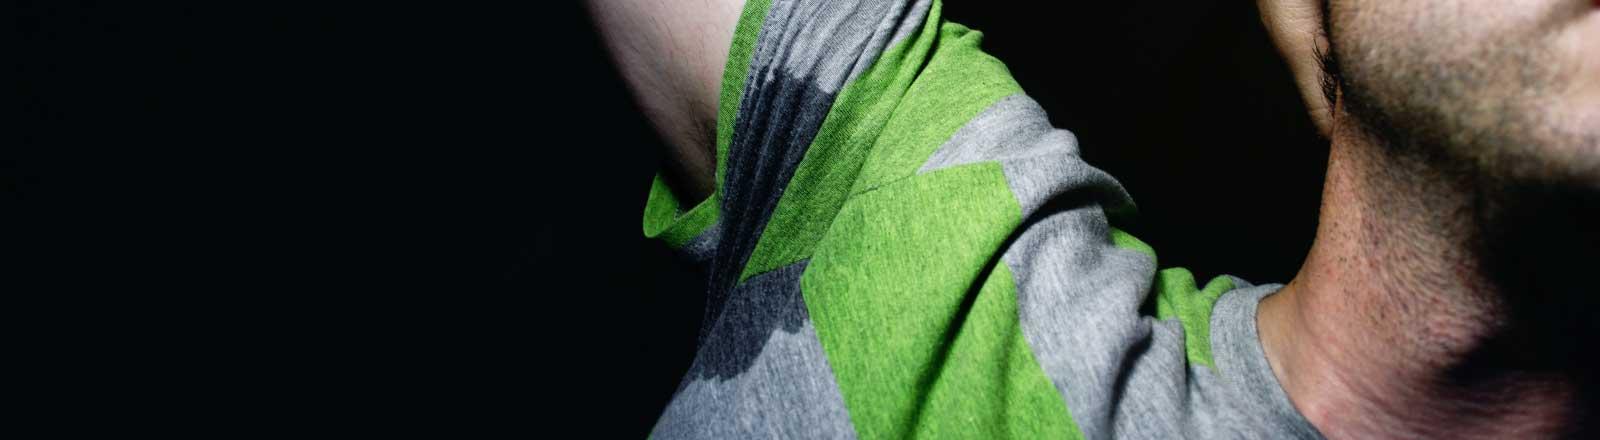 Schweiß unterm Arm.